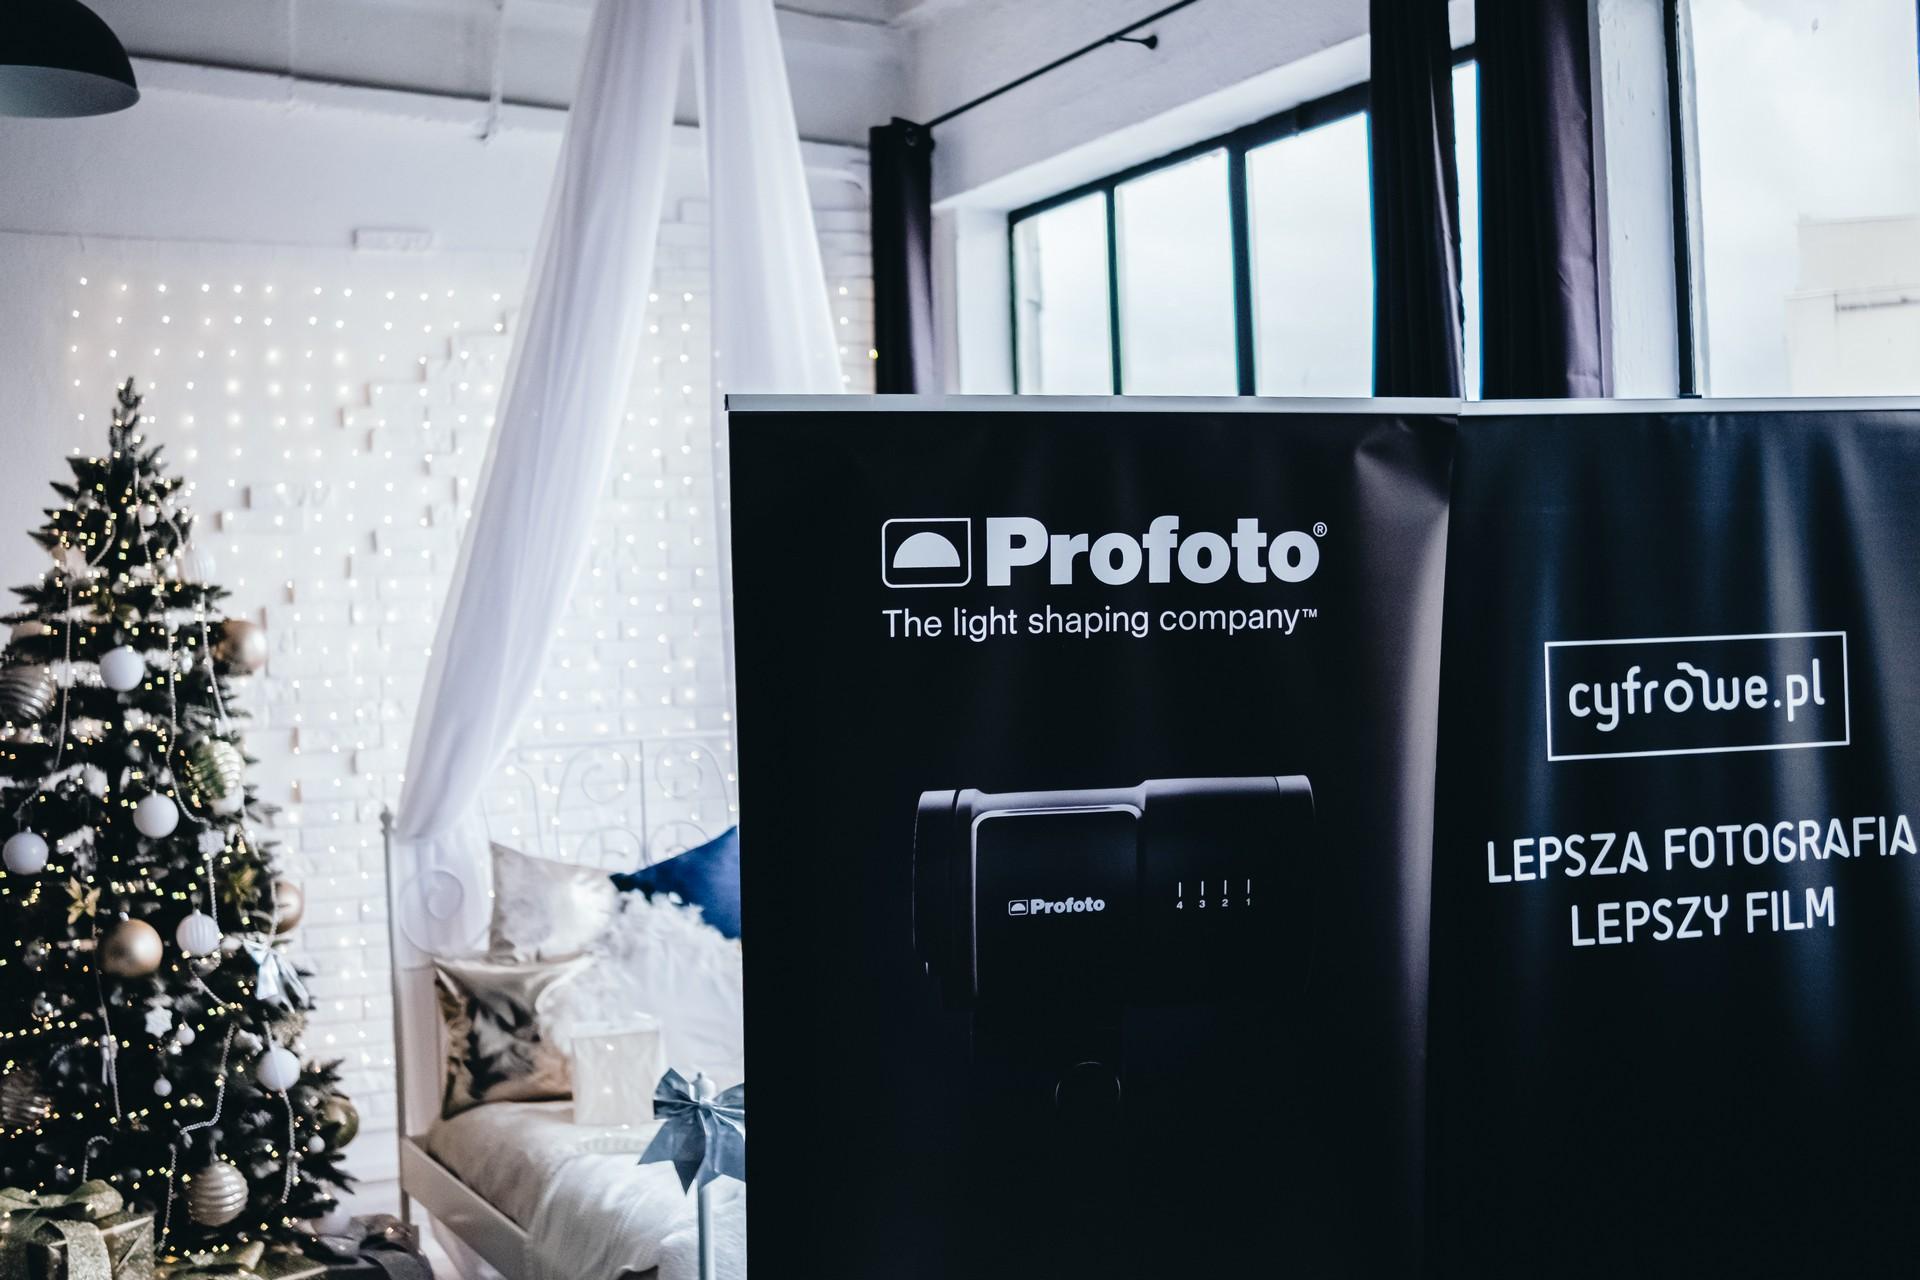 Profoto i Cyfrowe.pl w świątecznym nastroju fot. Jarosław Respondek